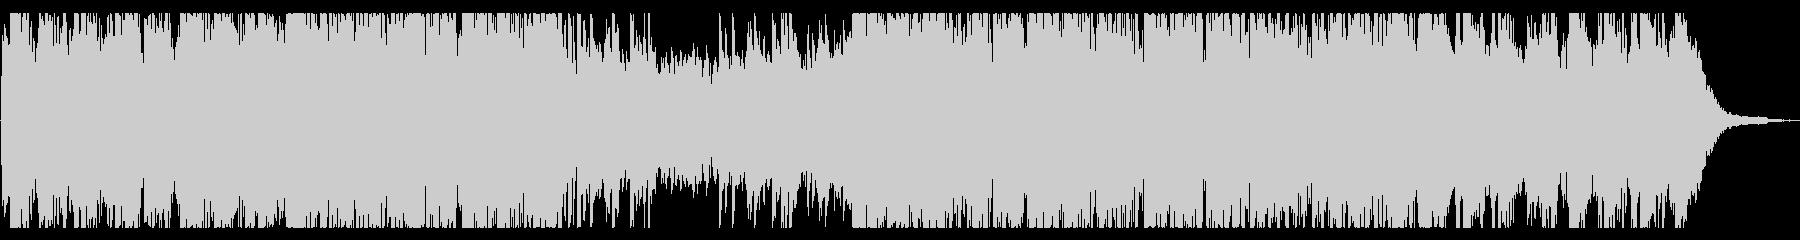 ピアノとチェロのアンビエントの未再生の波形